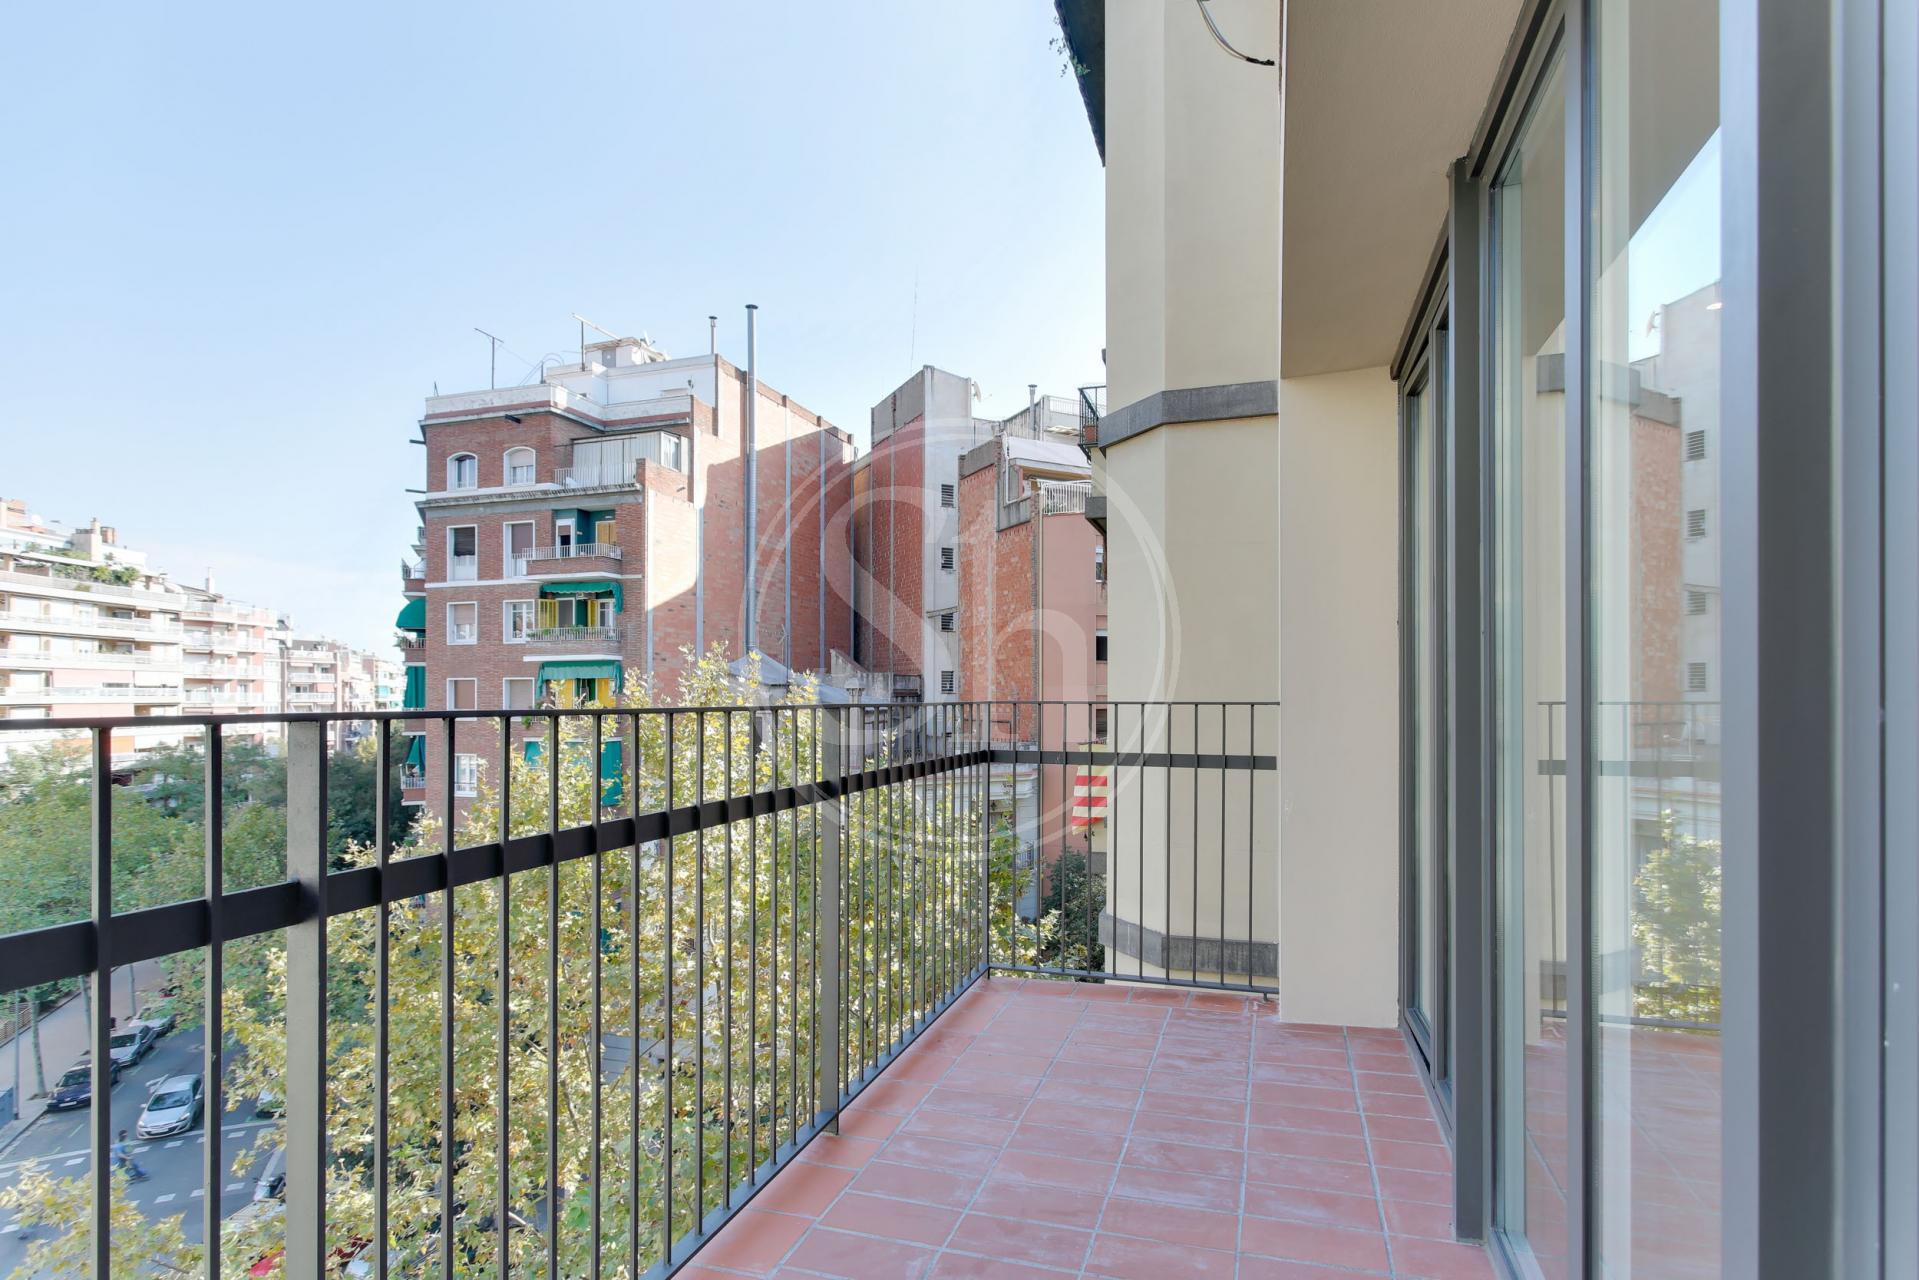 Pis en lloguer barcelona l 39 eixample tamarit cal bria - Lloguer pis barcelona particular ...